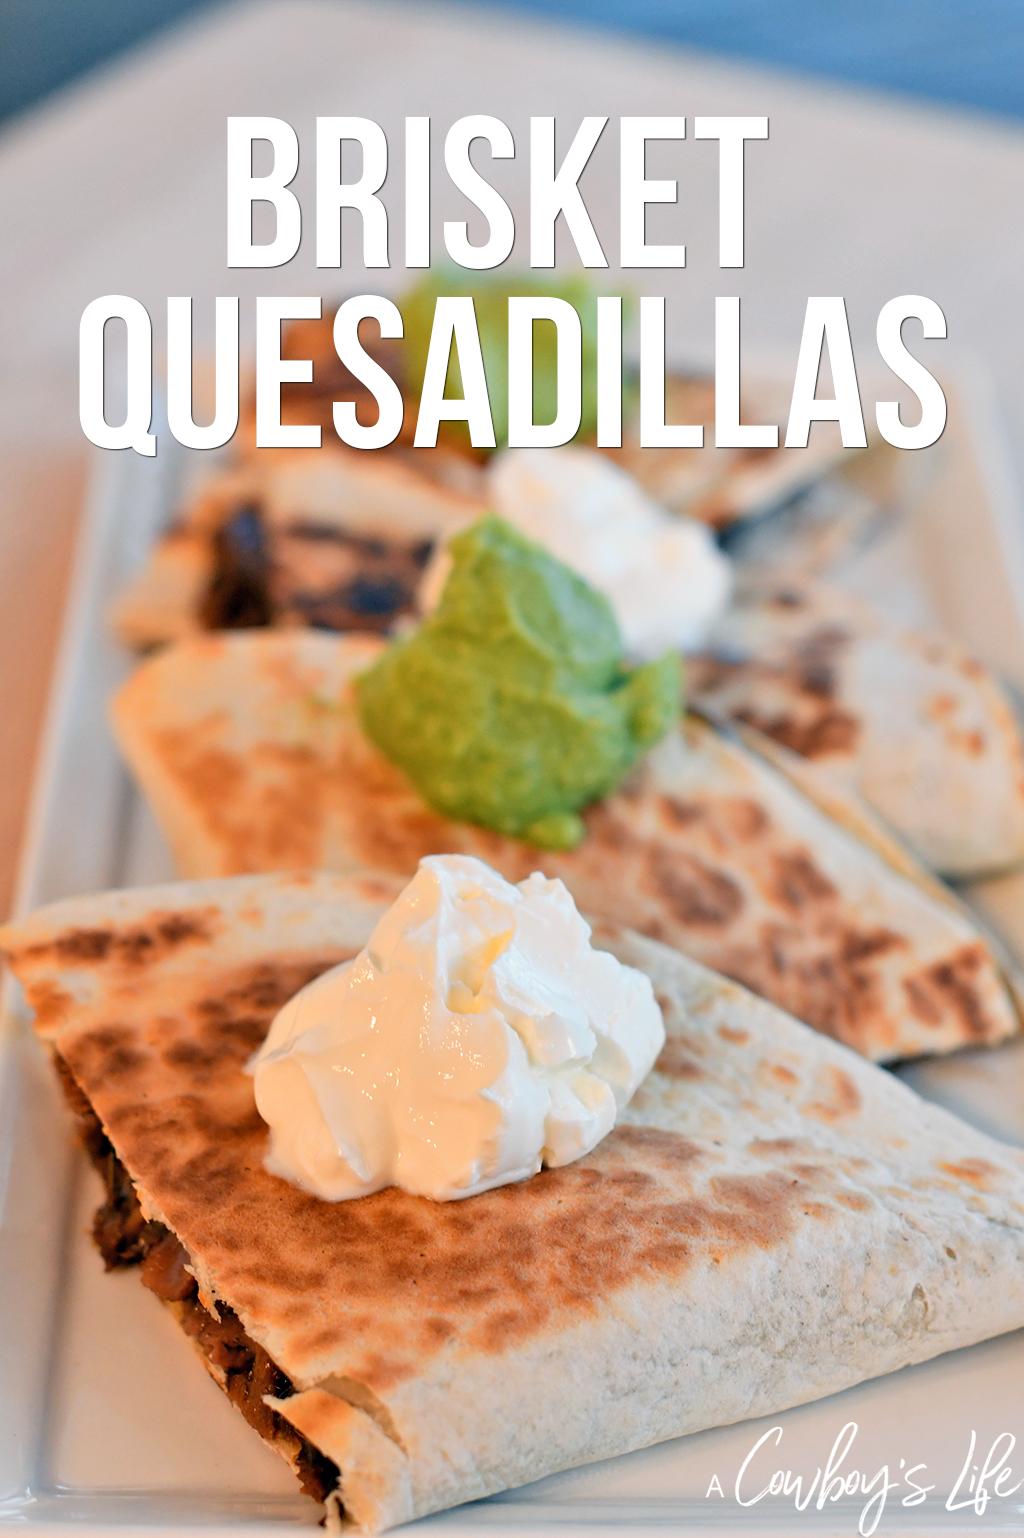 Simple and easy brisket quesadilla